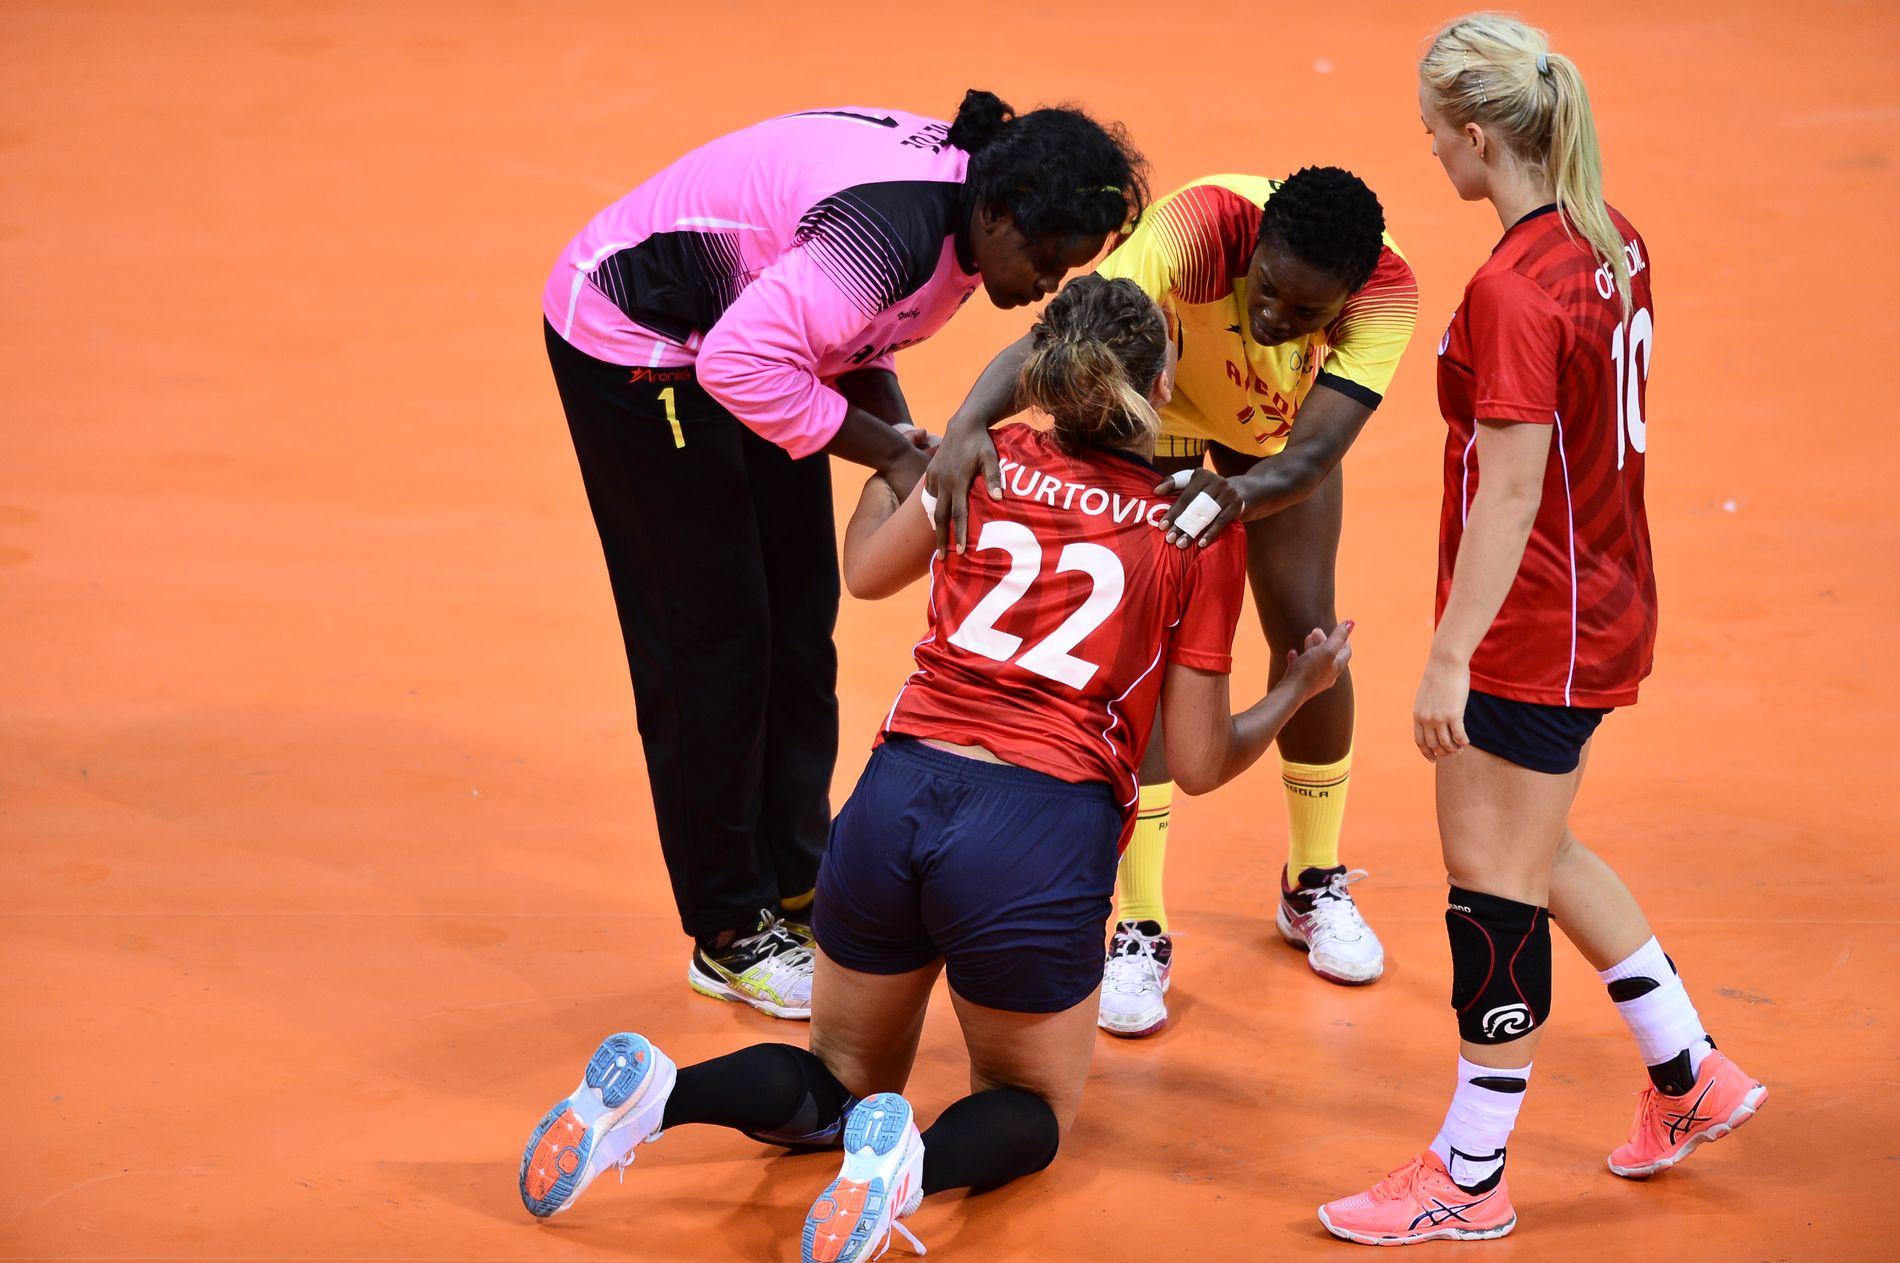 Angola er kjent for å være svært tøffe i spillestilen. Her får Amanda Kurtovic trøst etter en smell.